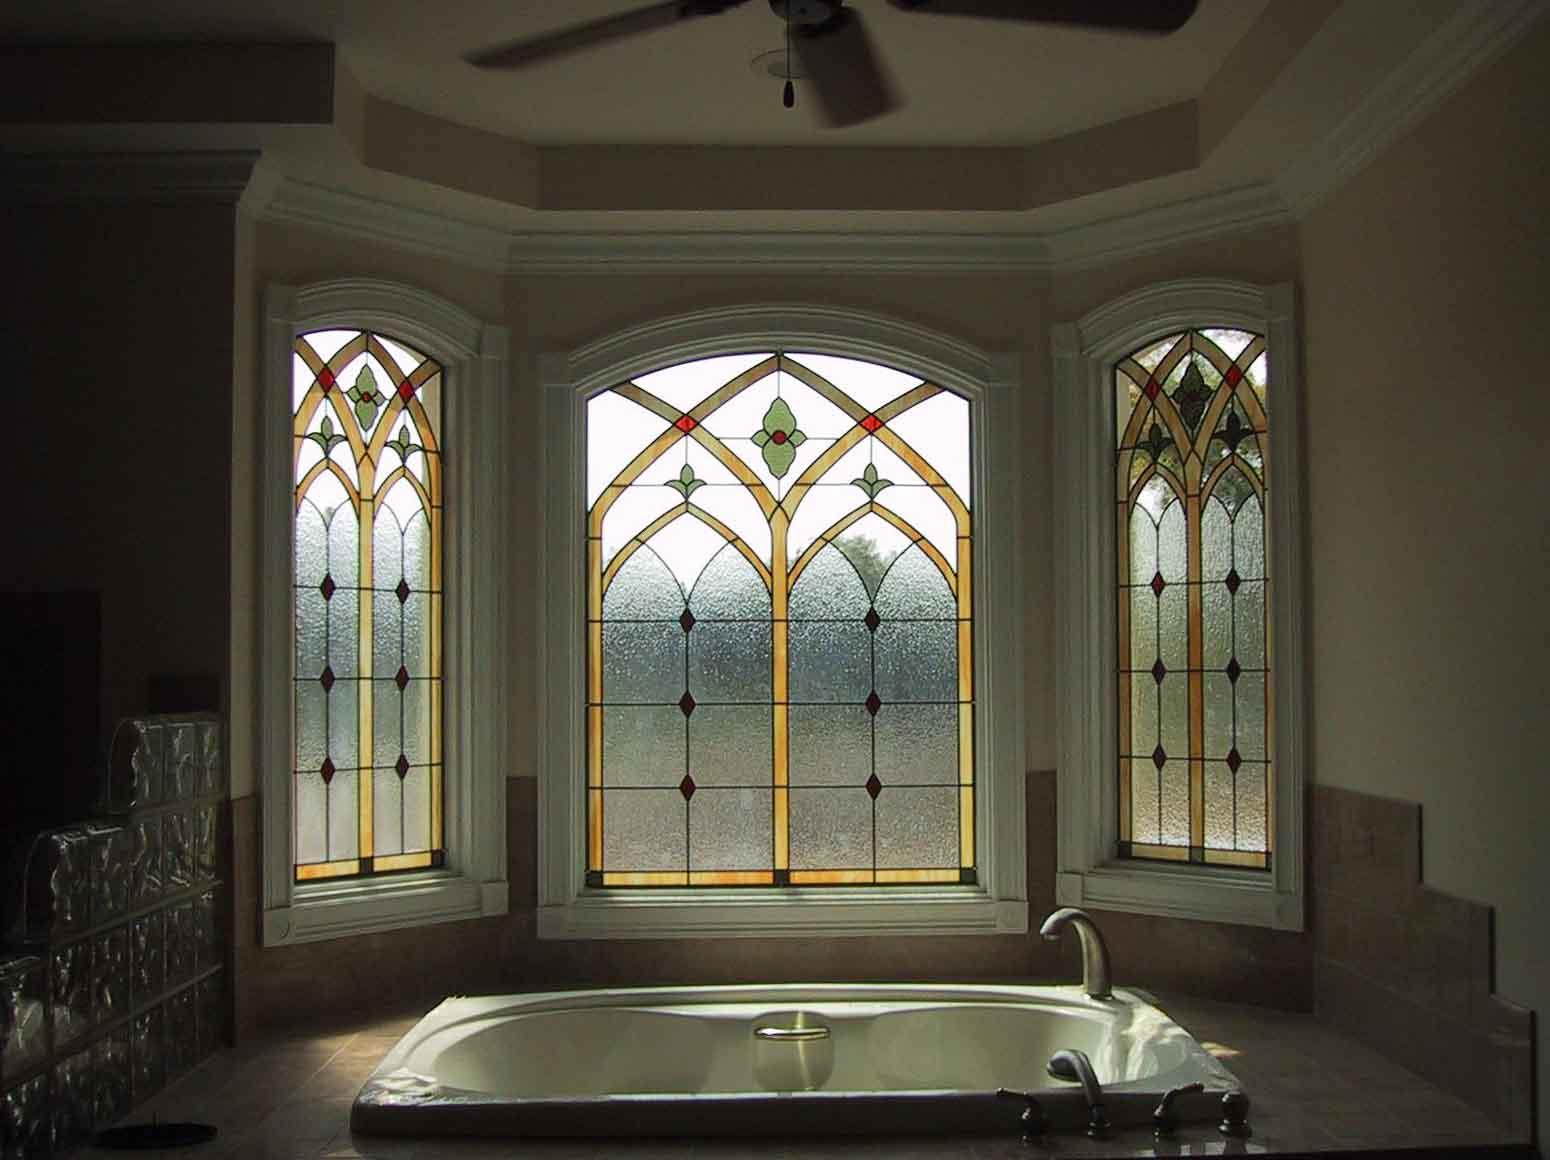 Fürdőszoba ablaküveg  Olomuveg.hu